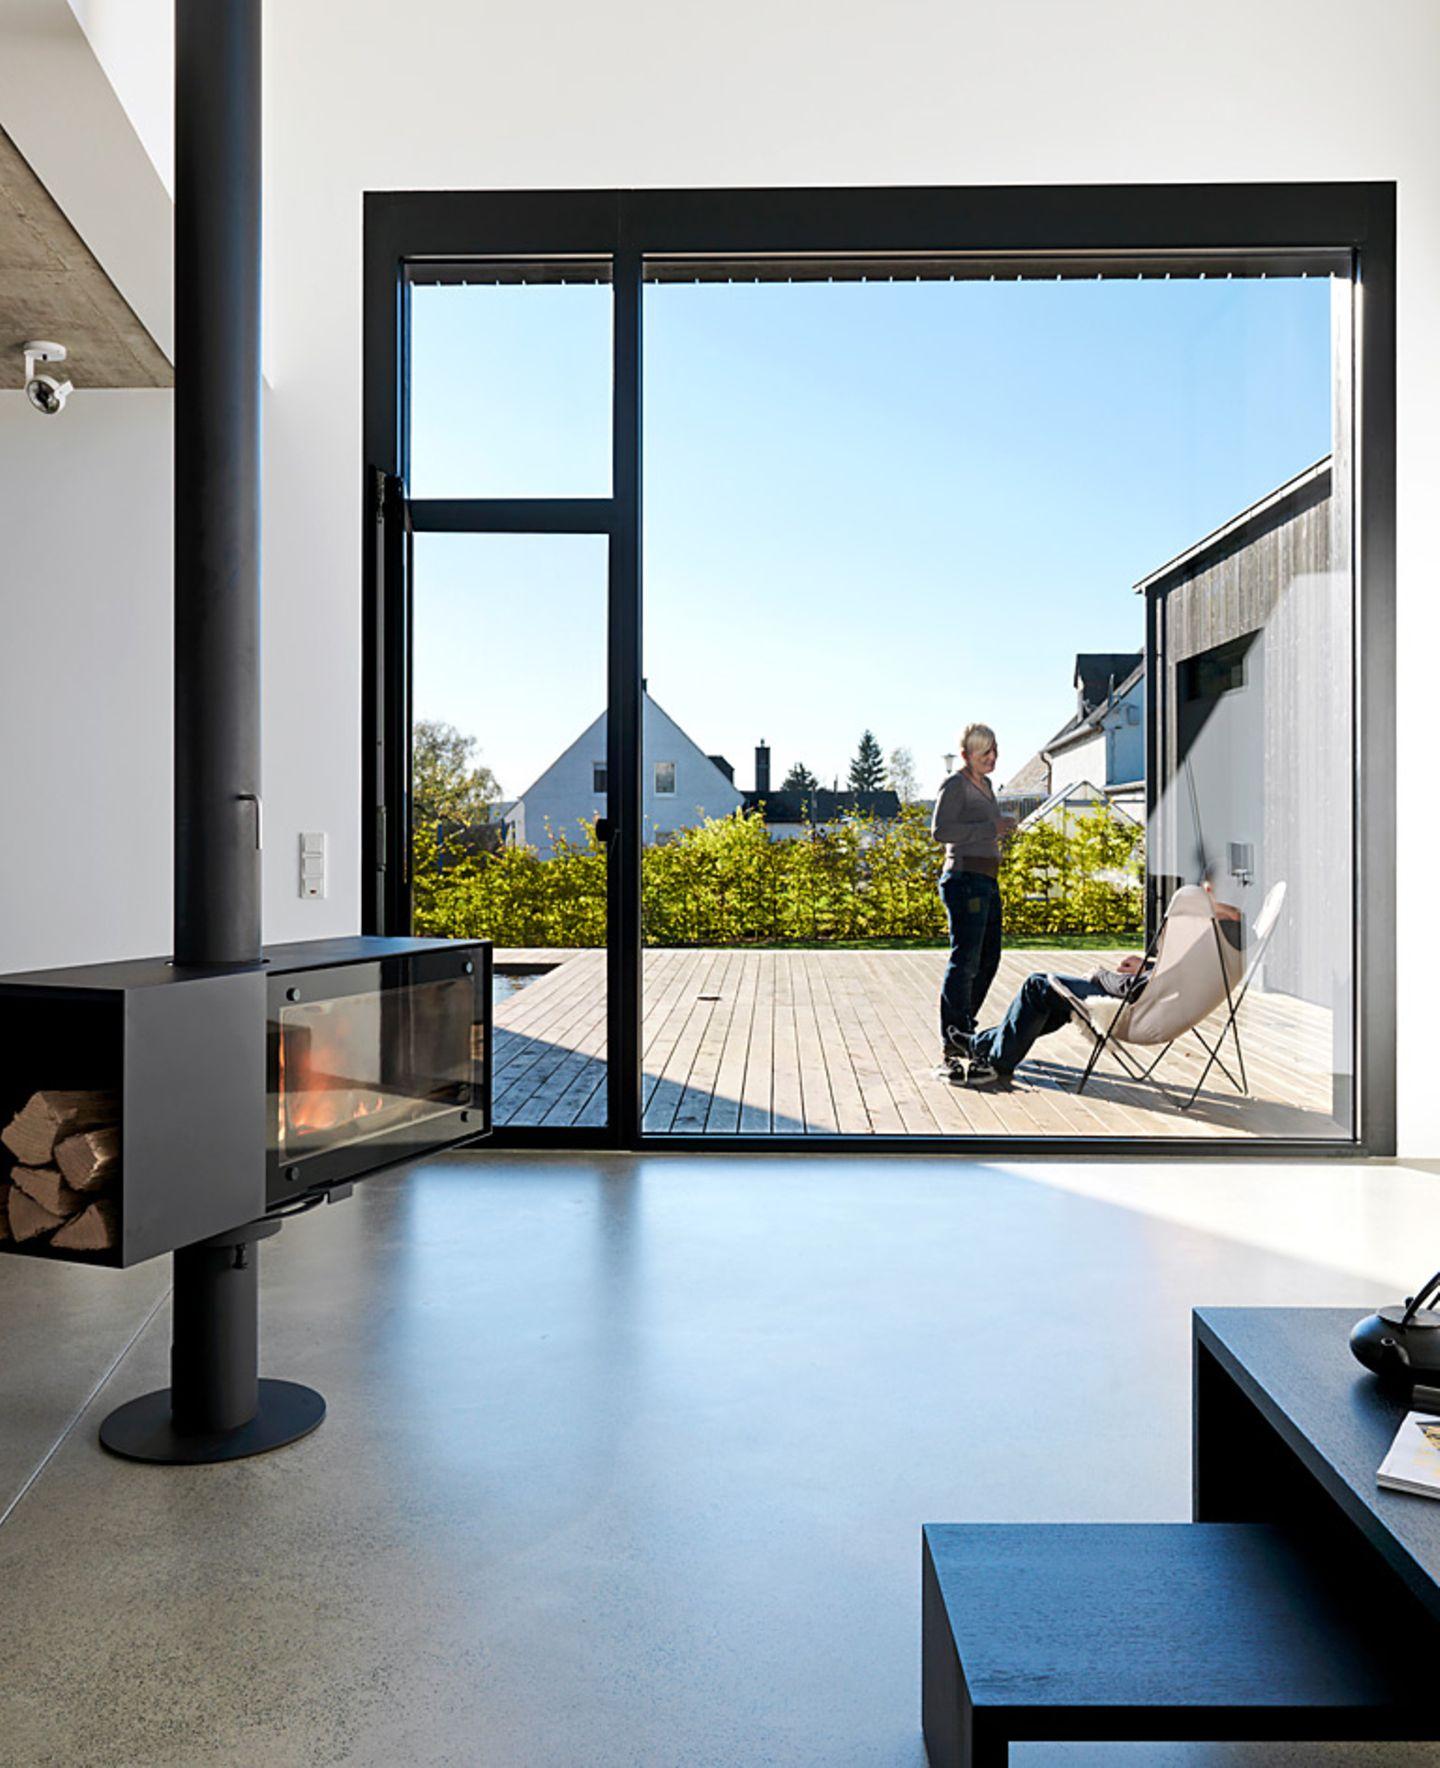 Wann Fensterfalz-Lüfter sinnvoll sind, um das Raumklima zu bessern - Bild 31